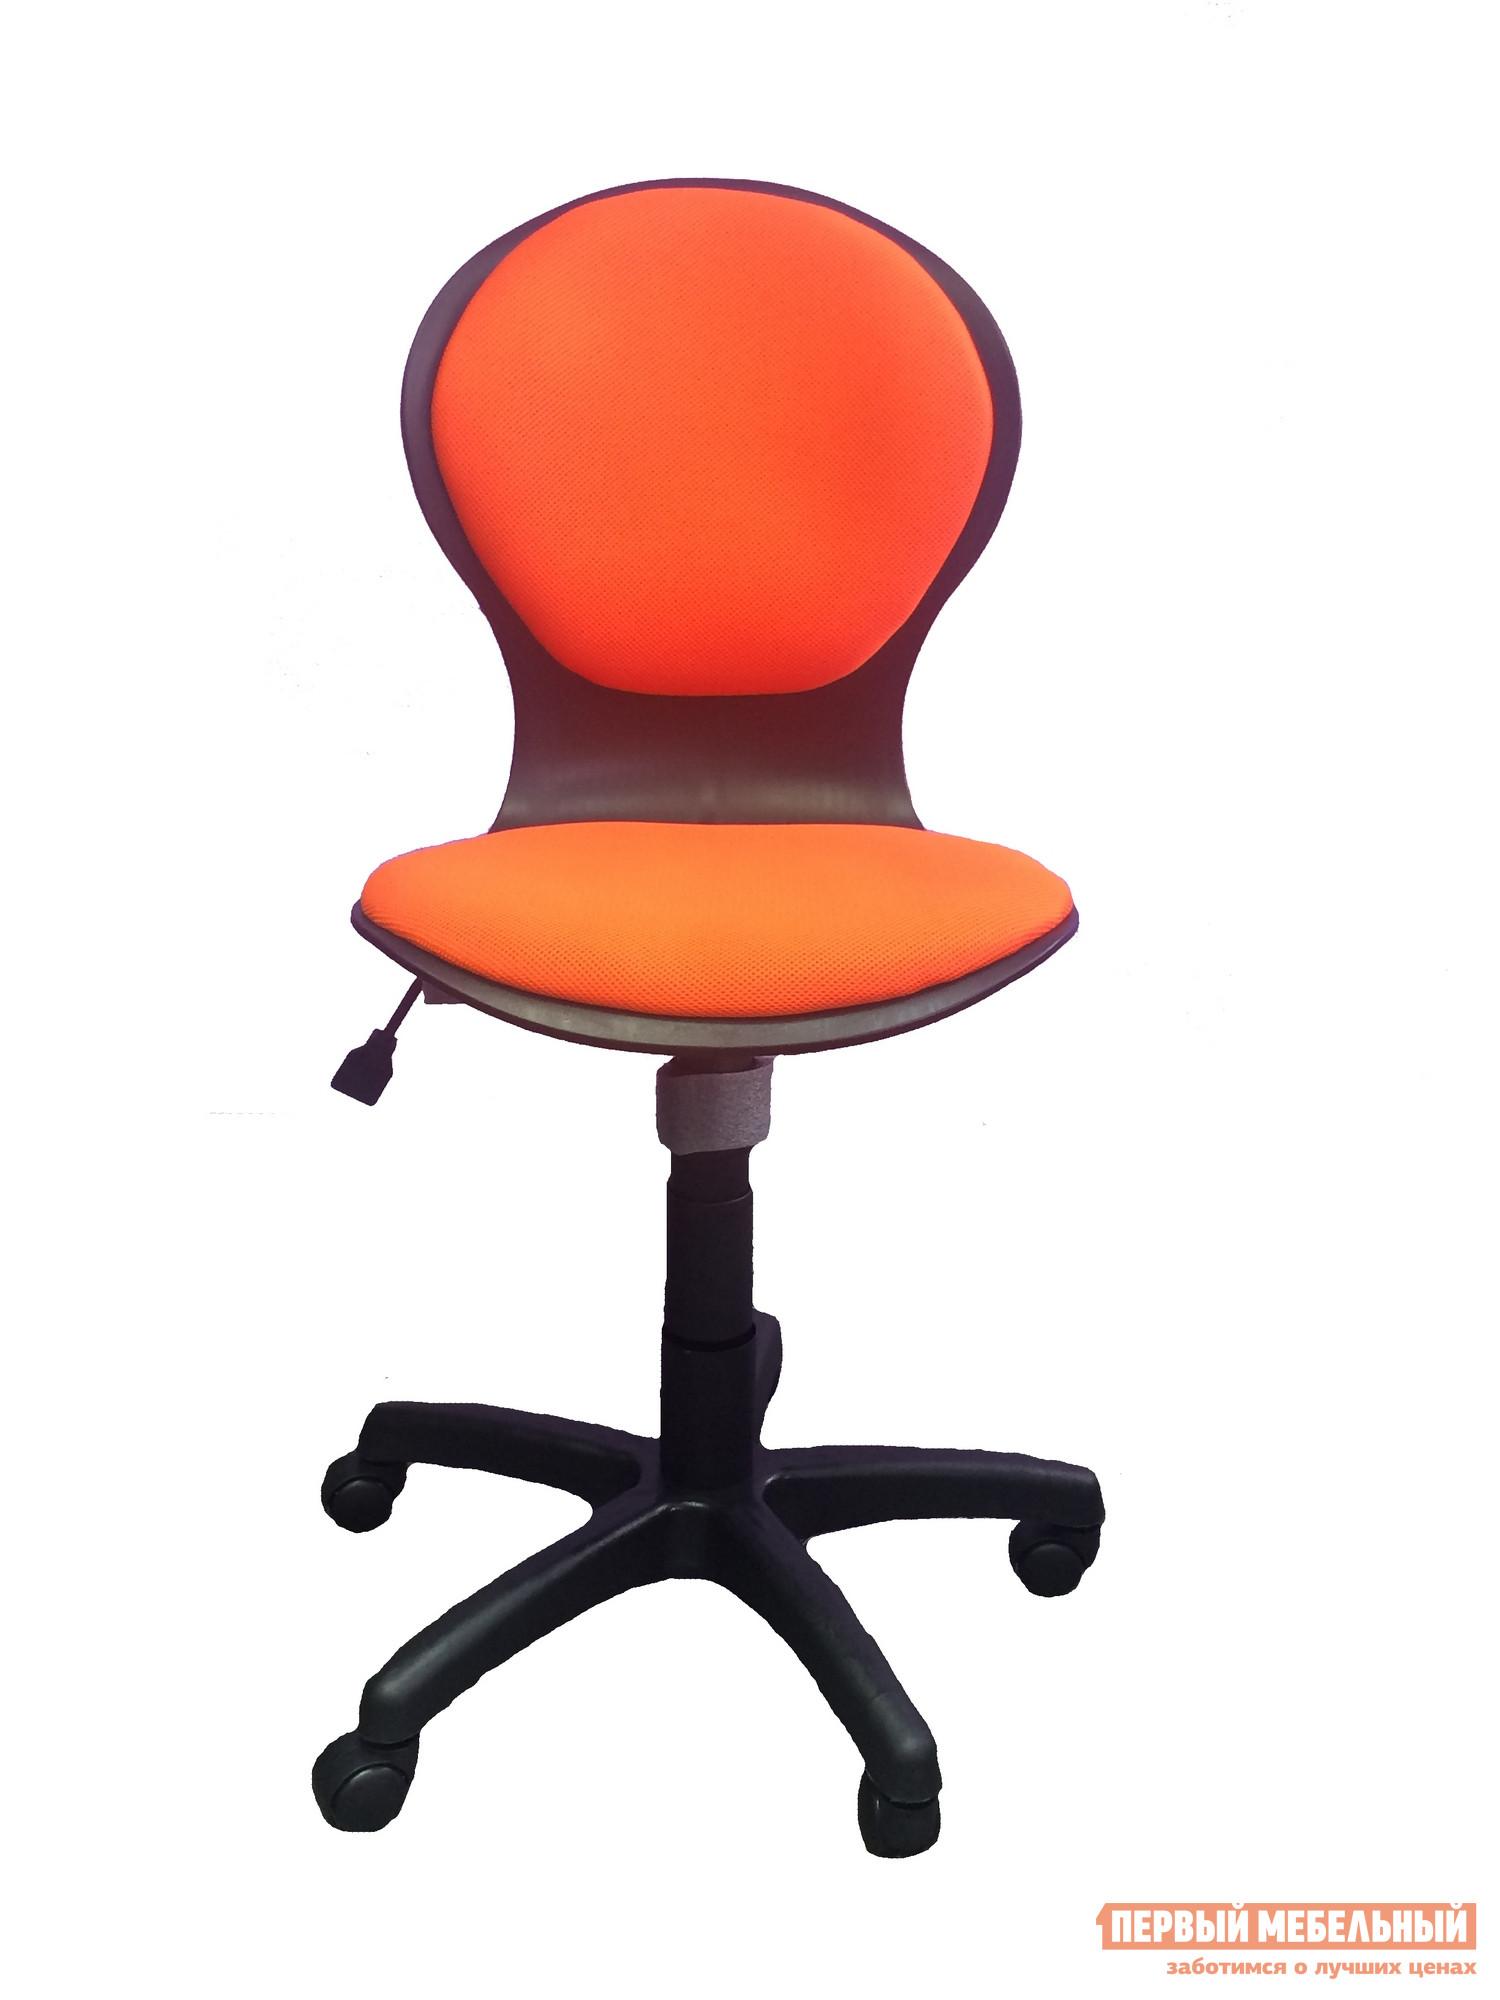 Детское компьютерное кресло Либао LB-C03 цена